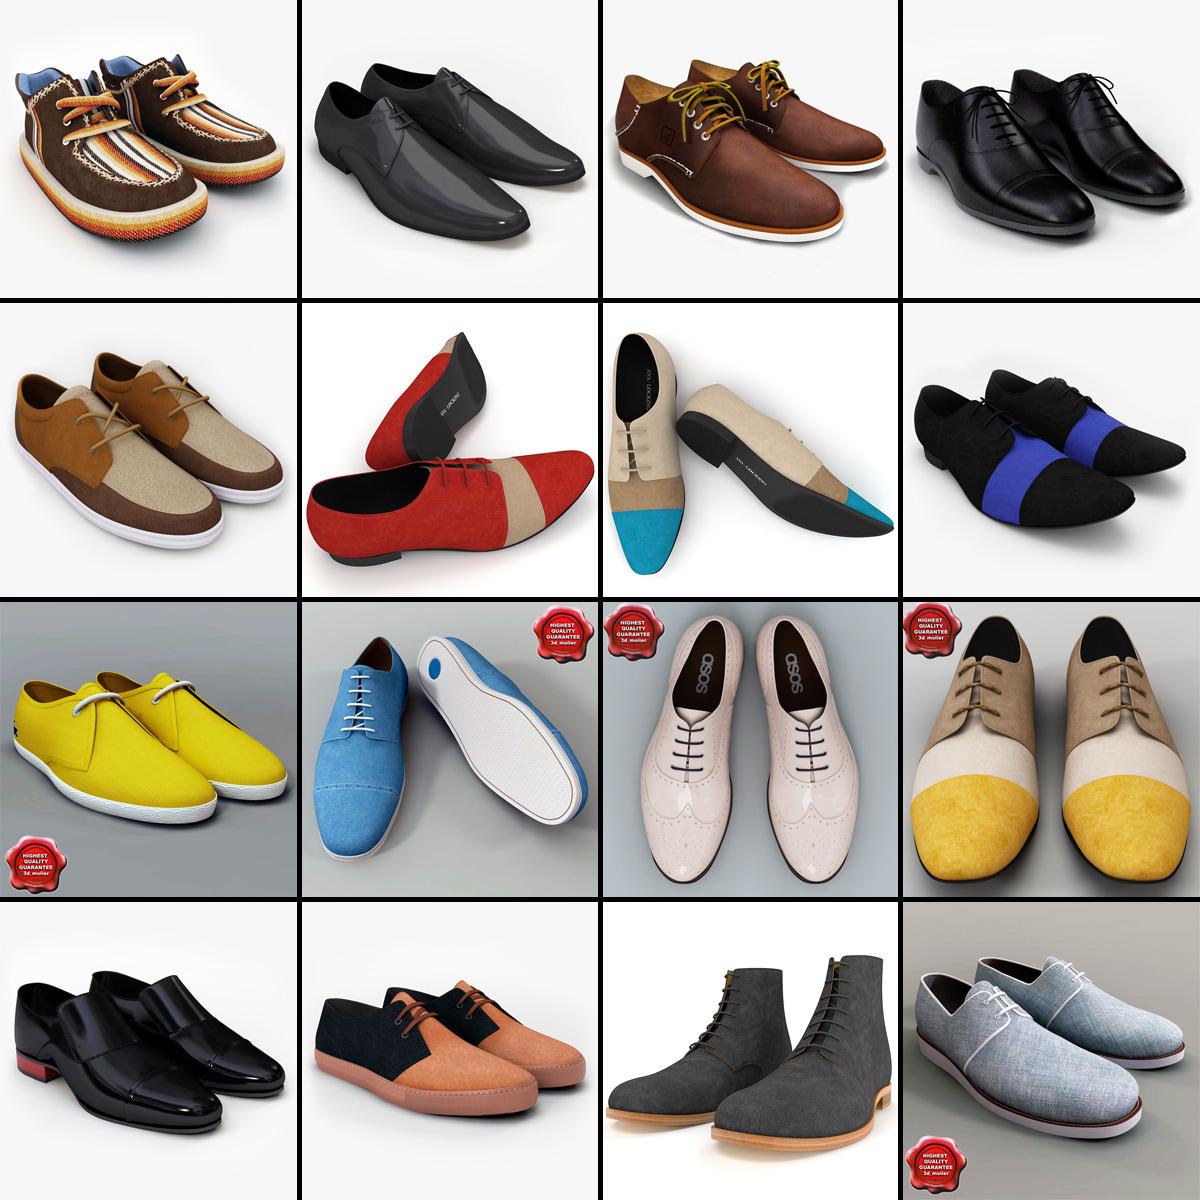 Men_Shoes_Collection_V10_000.jpg